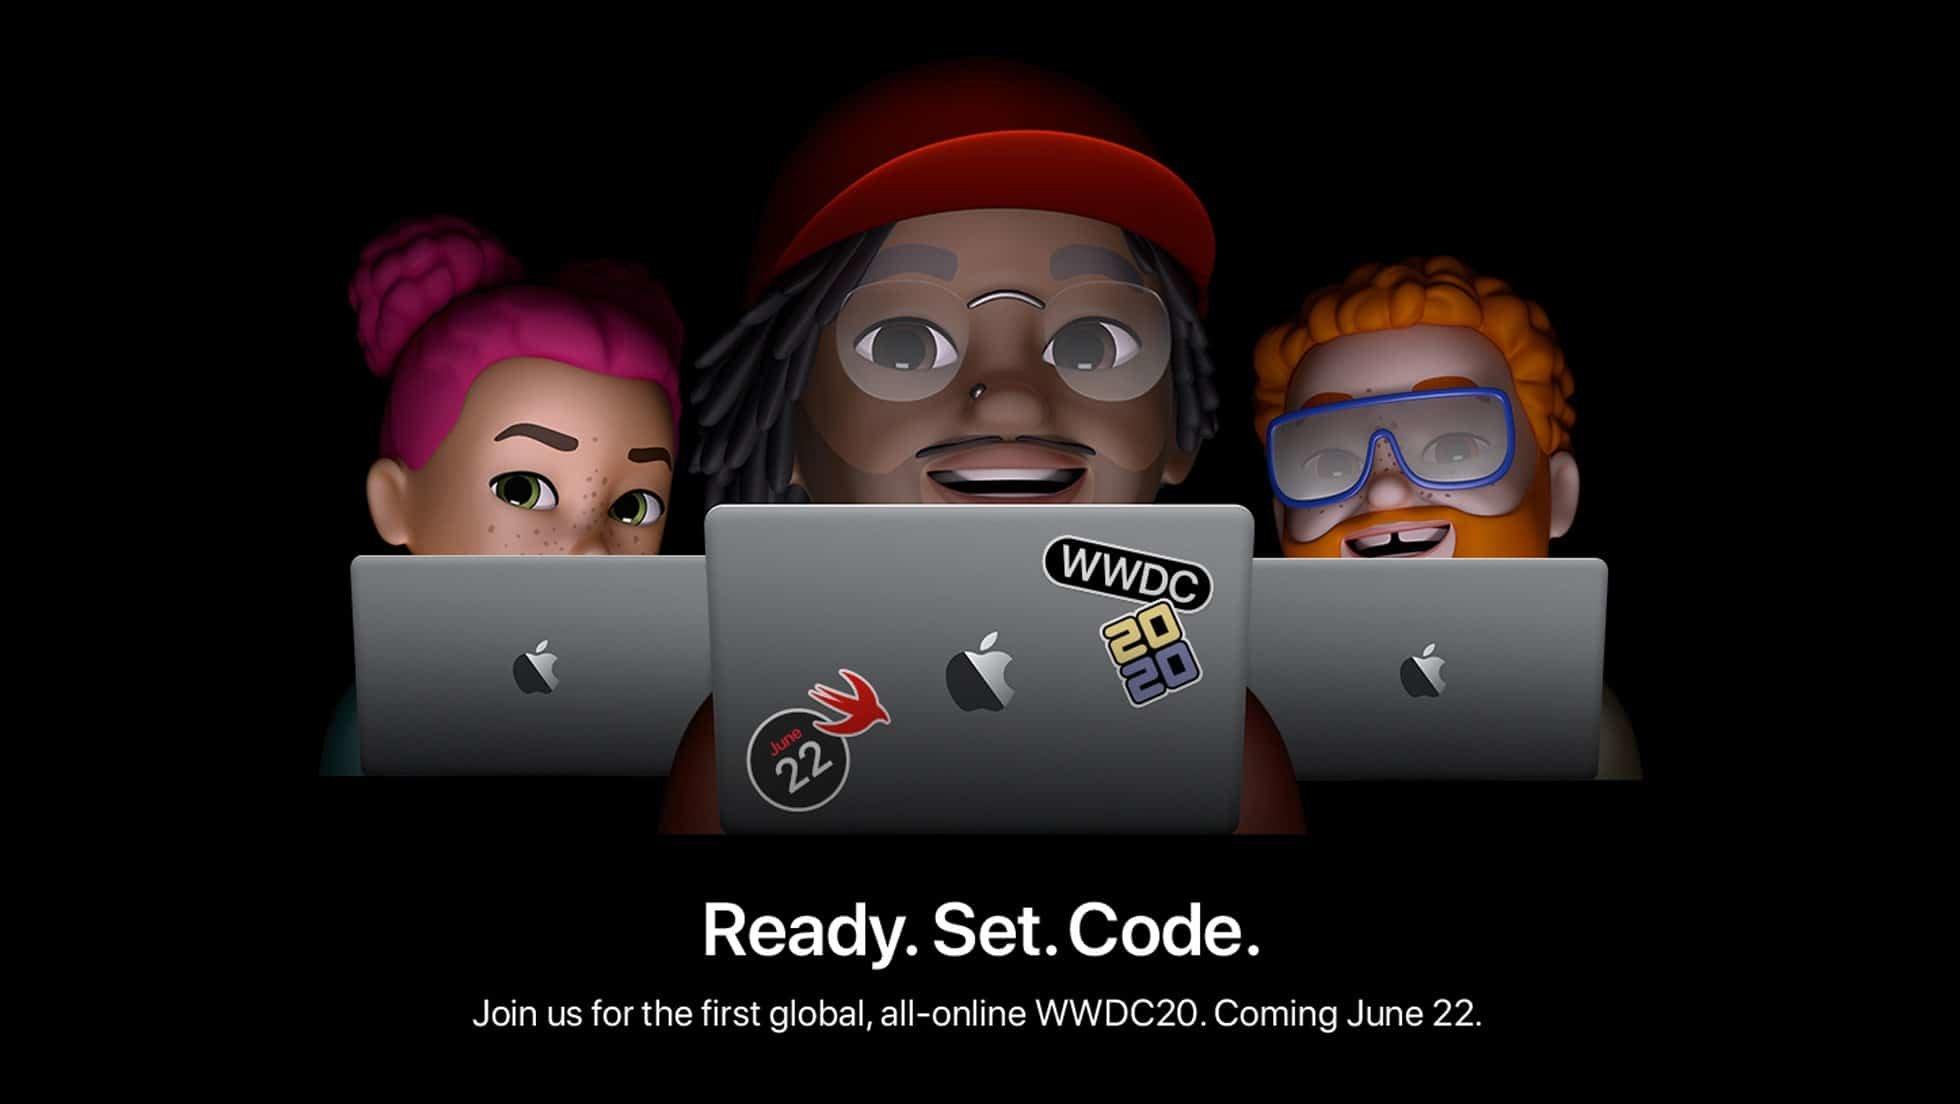 WWDC 2020 am 22. Juni